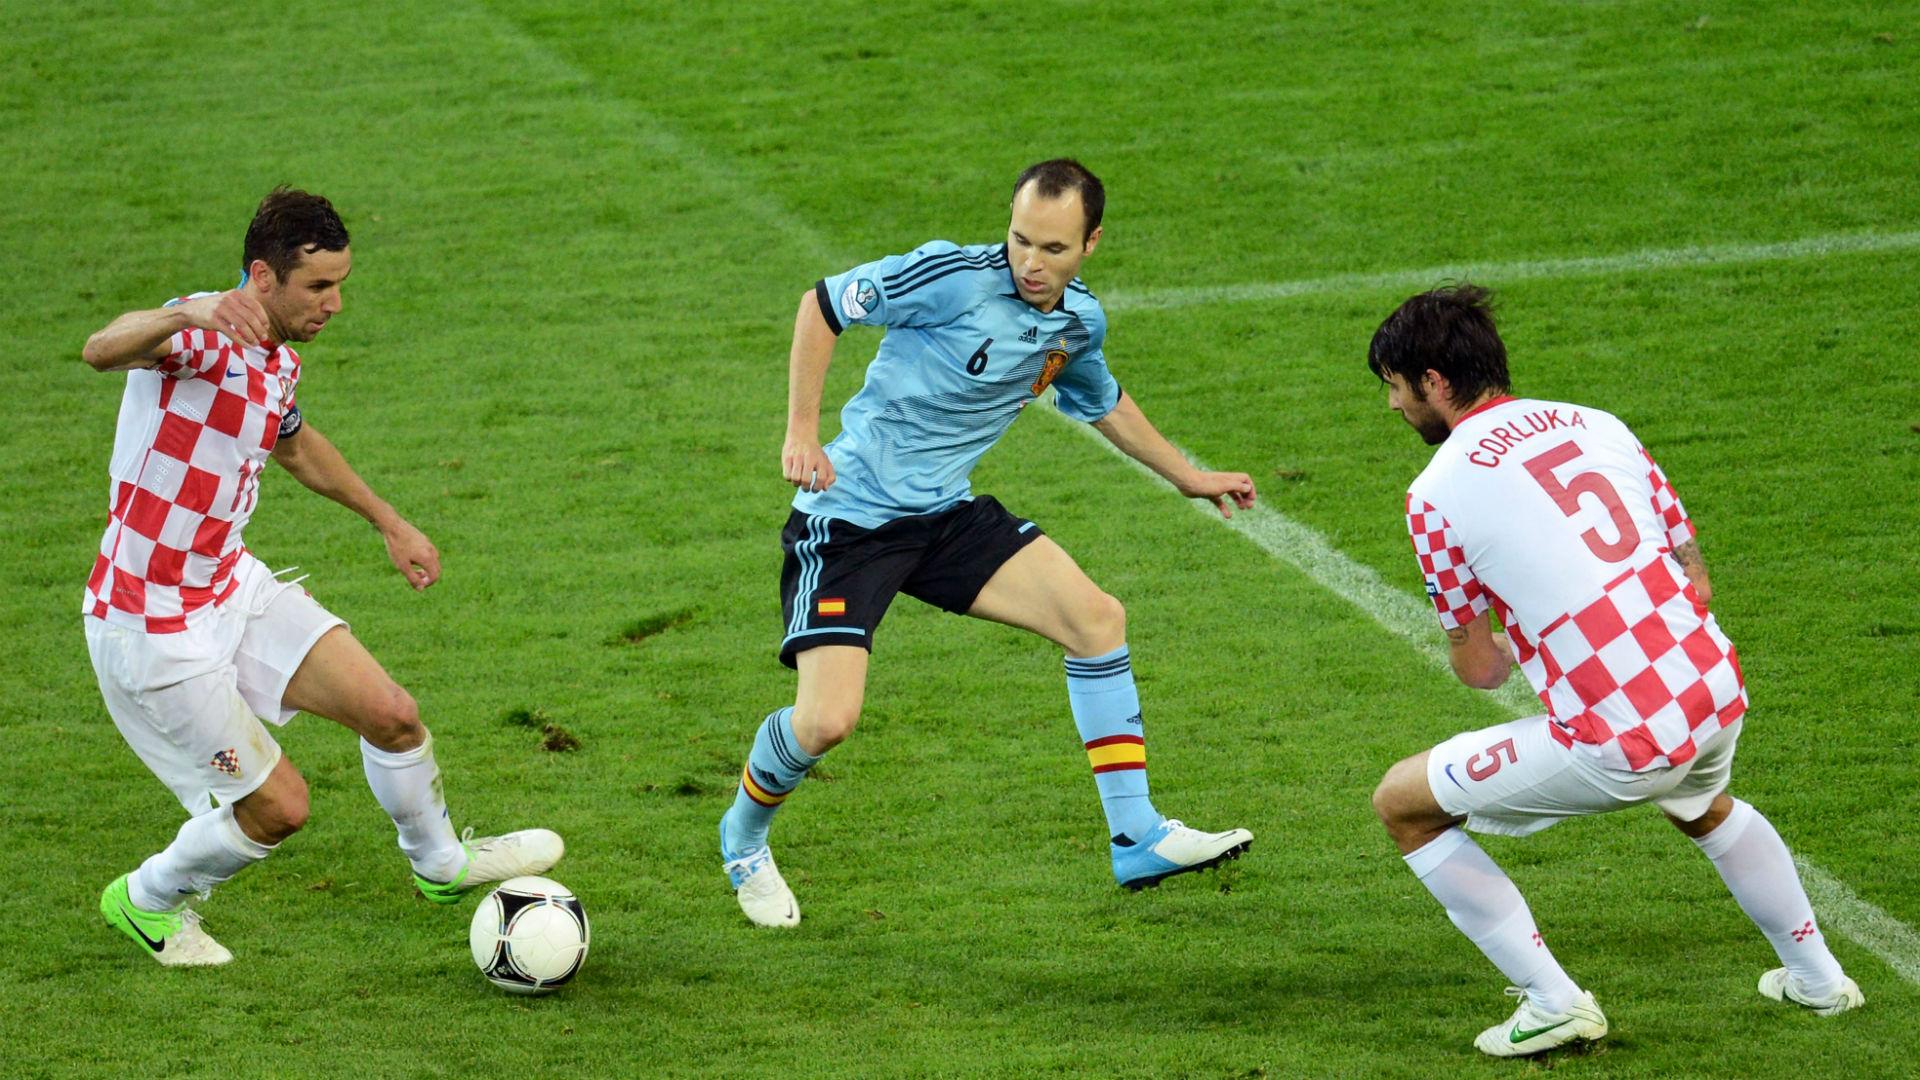 darijo srna andres iniesta vedran corluka - croatia 0 spain 1 - euro 2012 - 18062012